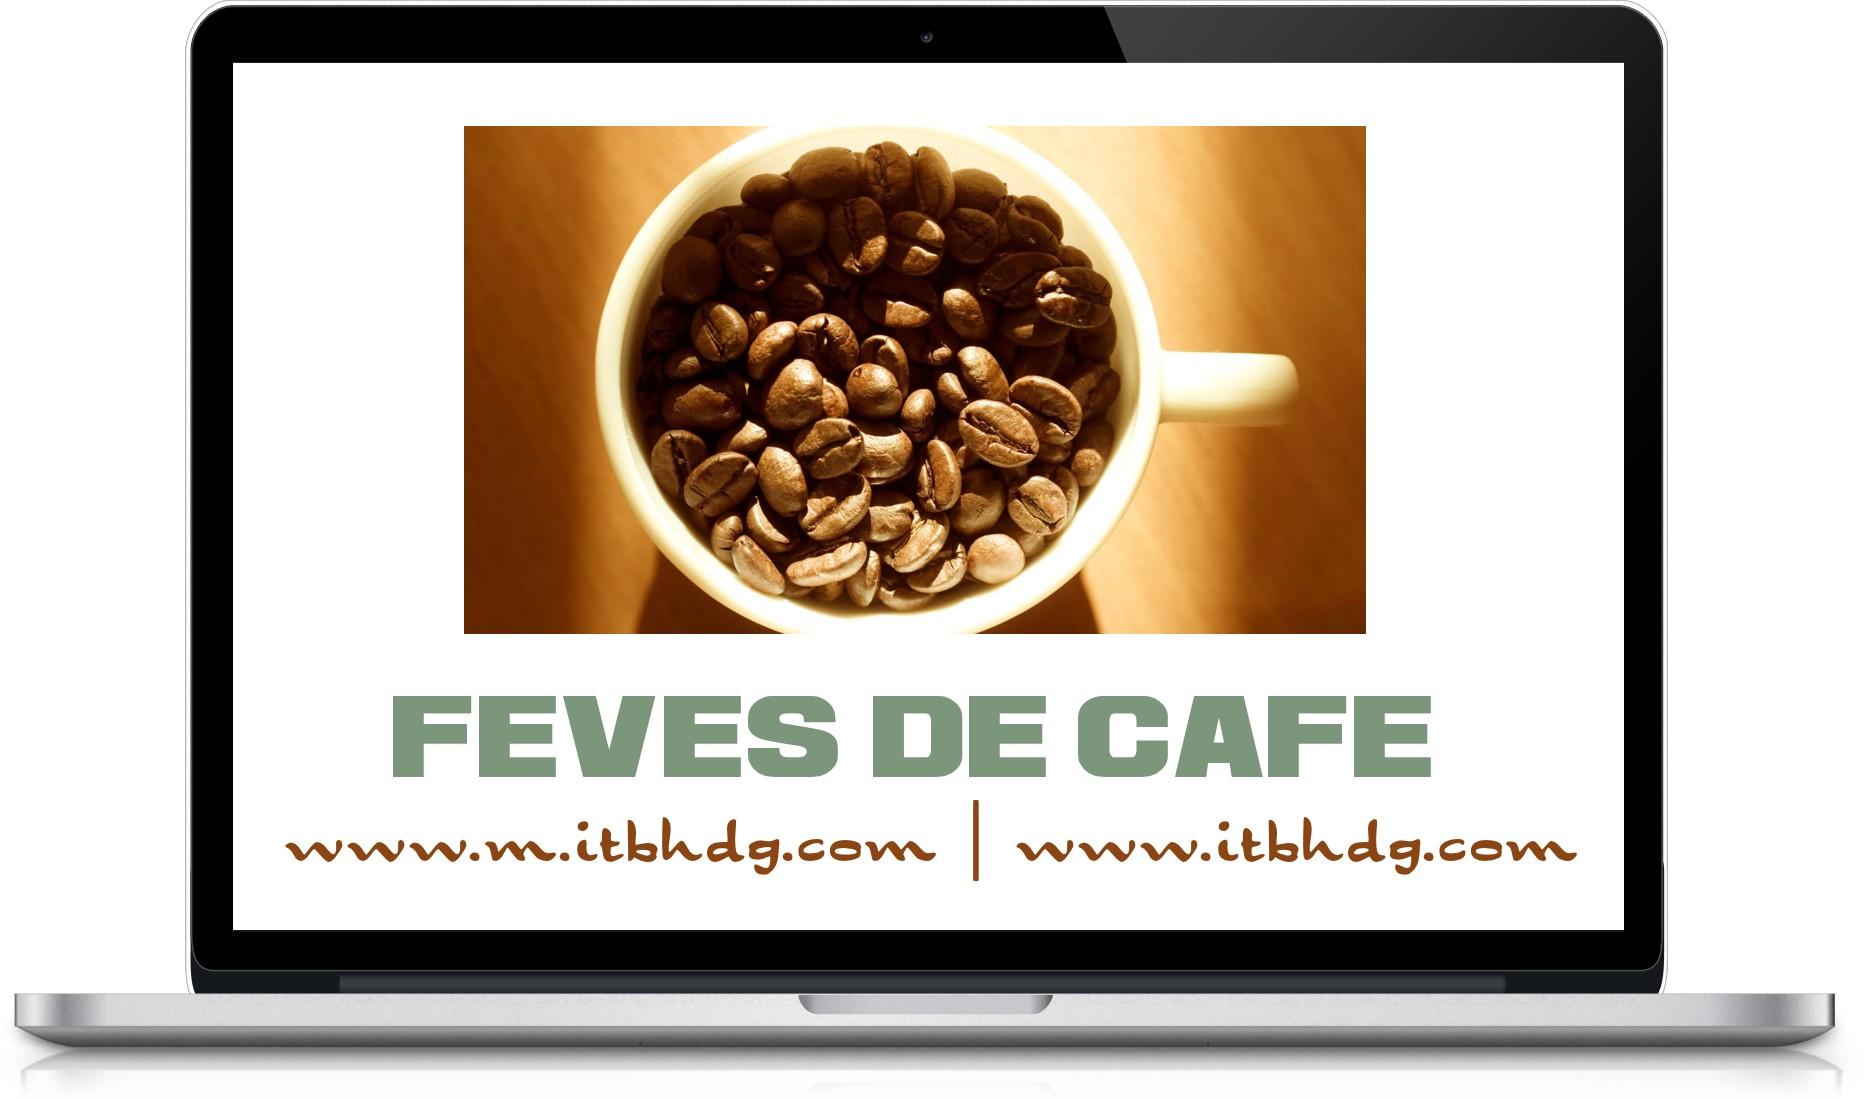 Fèves de Café, Cafés gourmets, Café Bio, micro-lots de Café | www.m.itbhdg.com | www.itbhdg.com